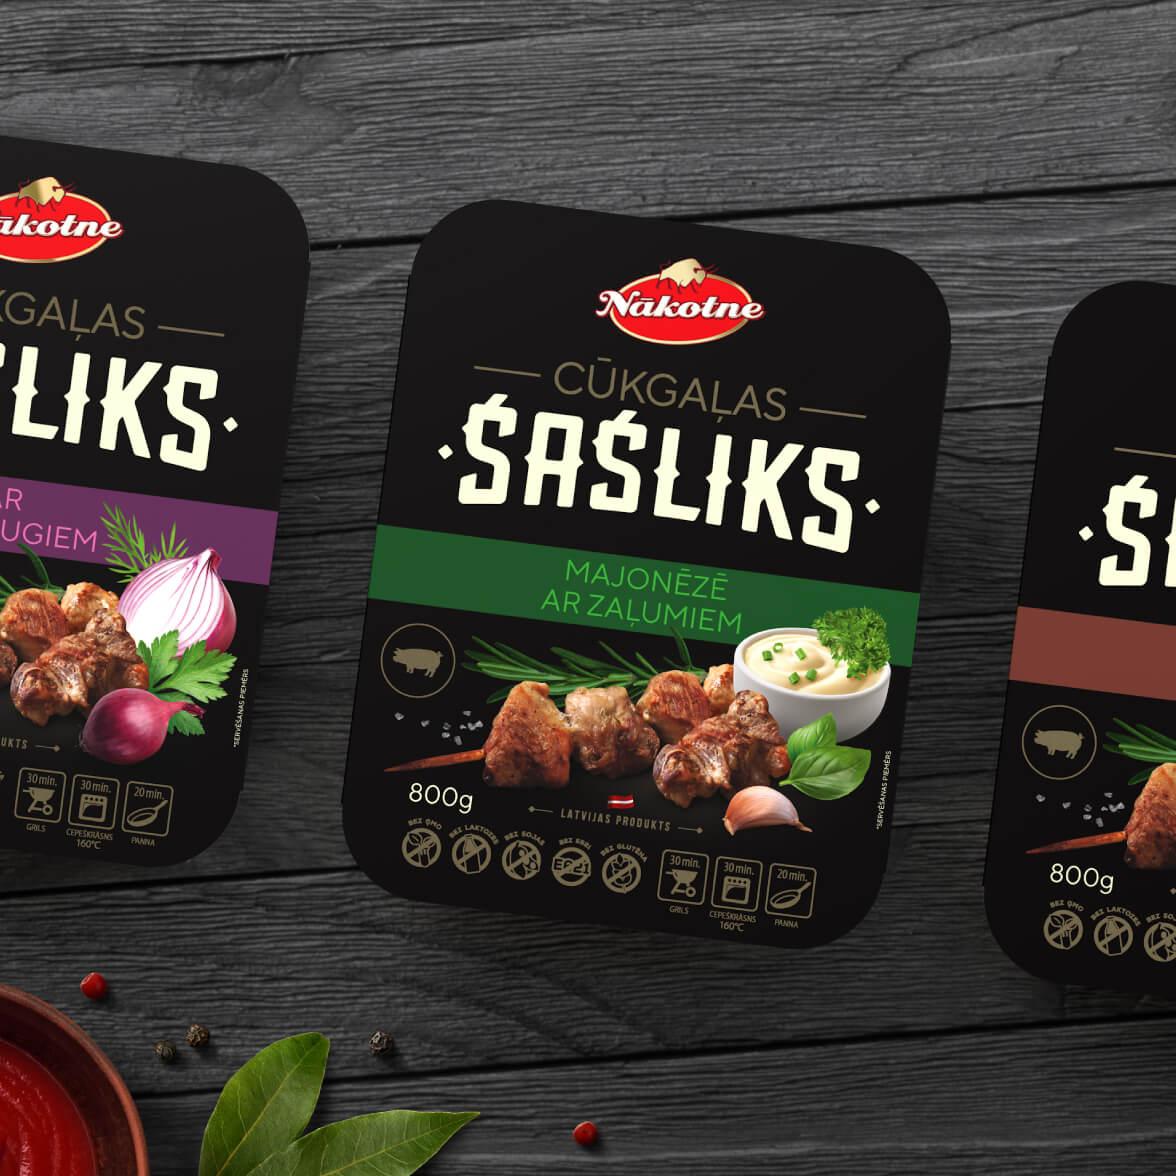 Nākotne pork barbecue meat - packaging design